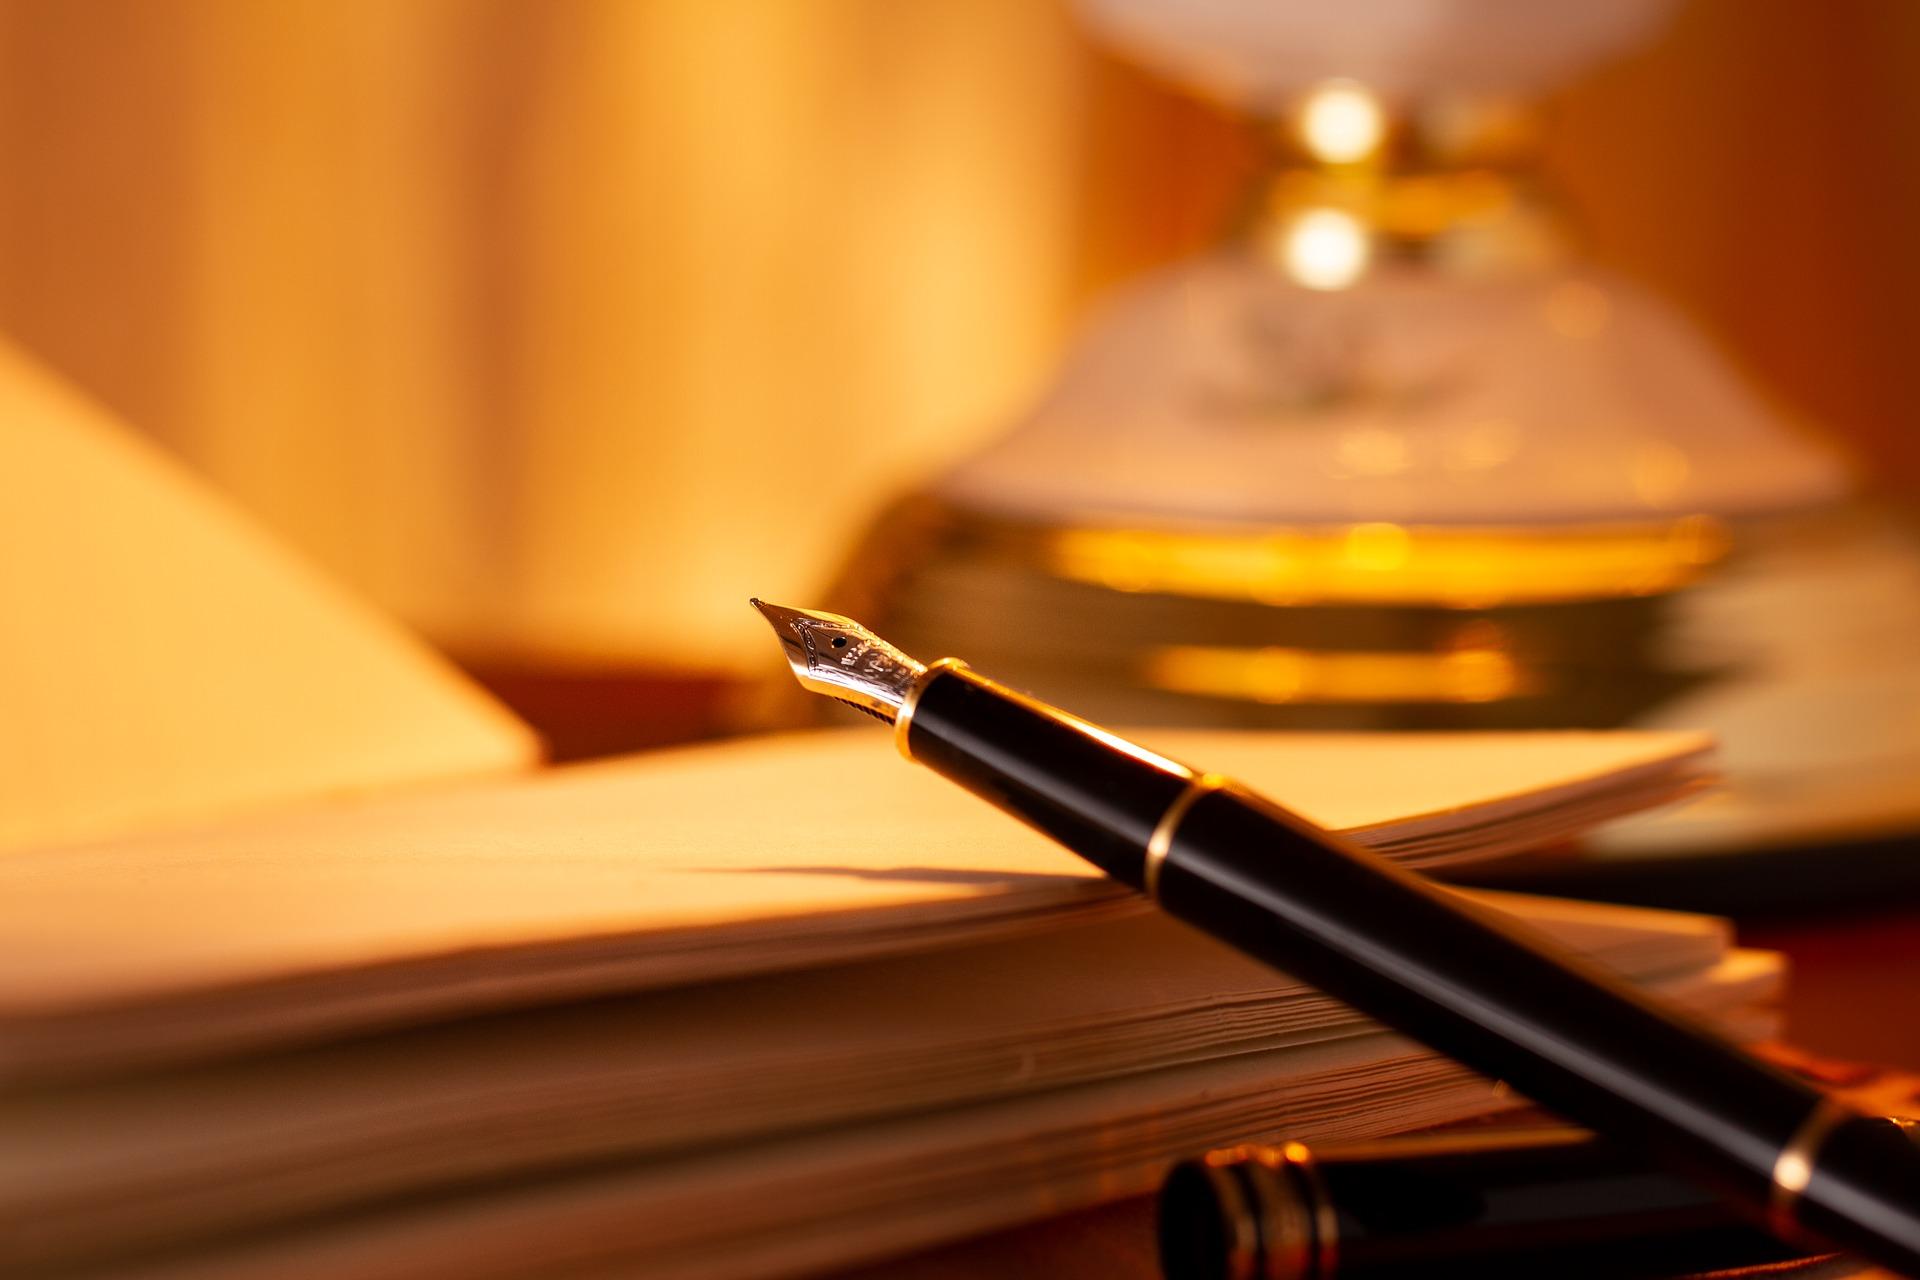 Traumdeutung: Ein Notizbuch mit offenem Füllfederhalter. Alles ist in gelbes Licht getaucht.